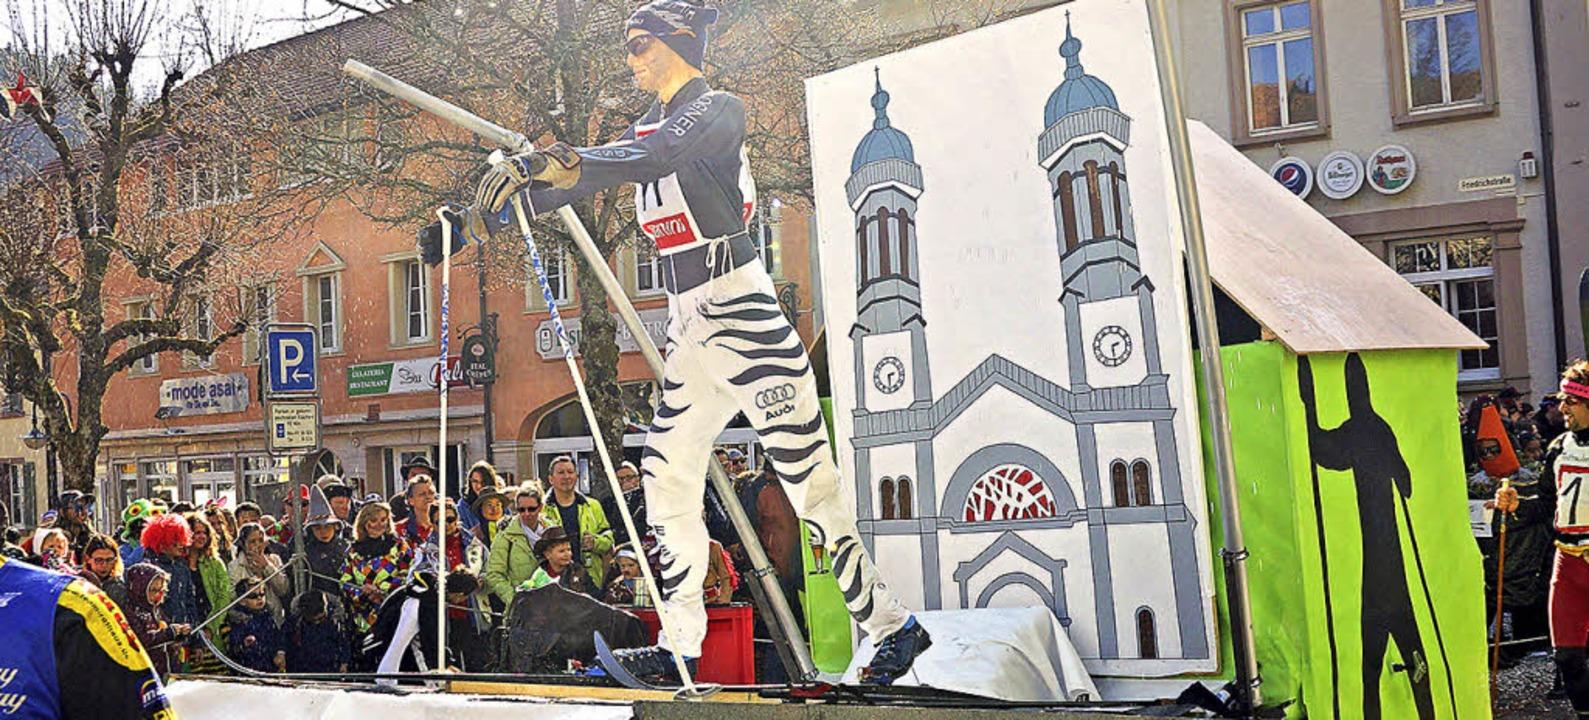 Thema der  Rucksackberger: 3-Königslauf ohne Schnee  | Foto: Verena Wehrle